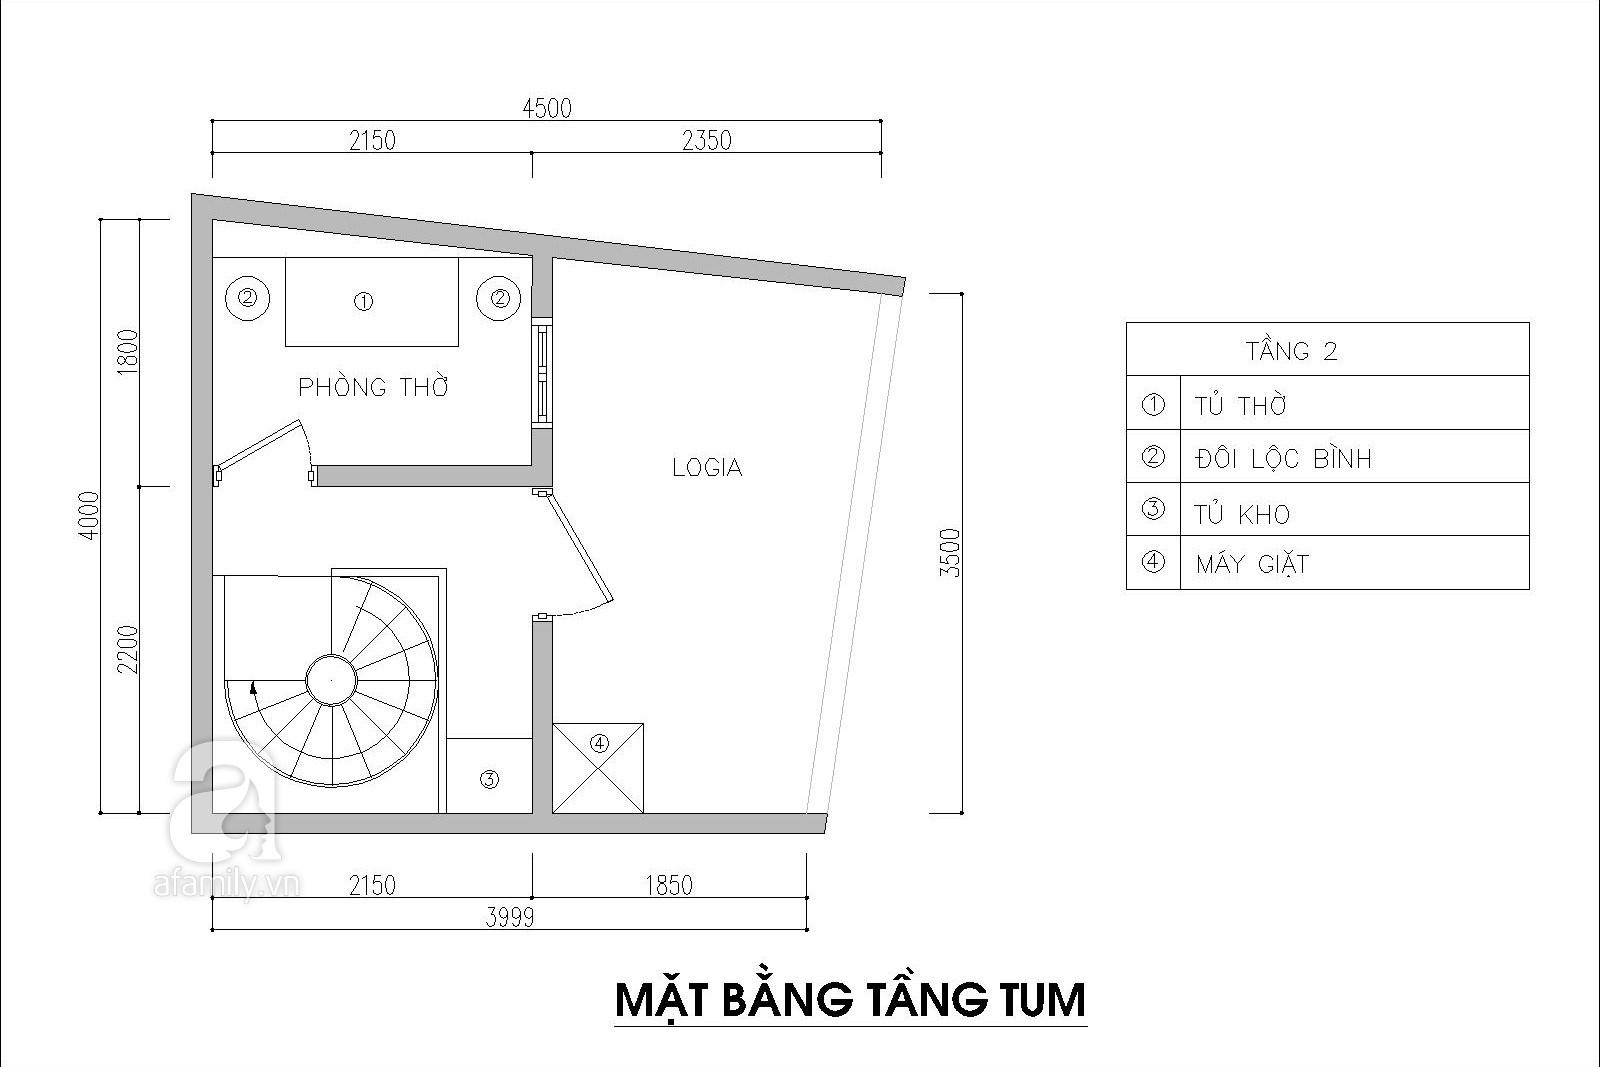 Tư vấn thiết kế nhà 3,5 tầng trên mảnh đất bị xéo với chi phí hơn 4 trăm triệu - Ảnh 4.